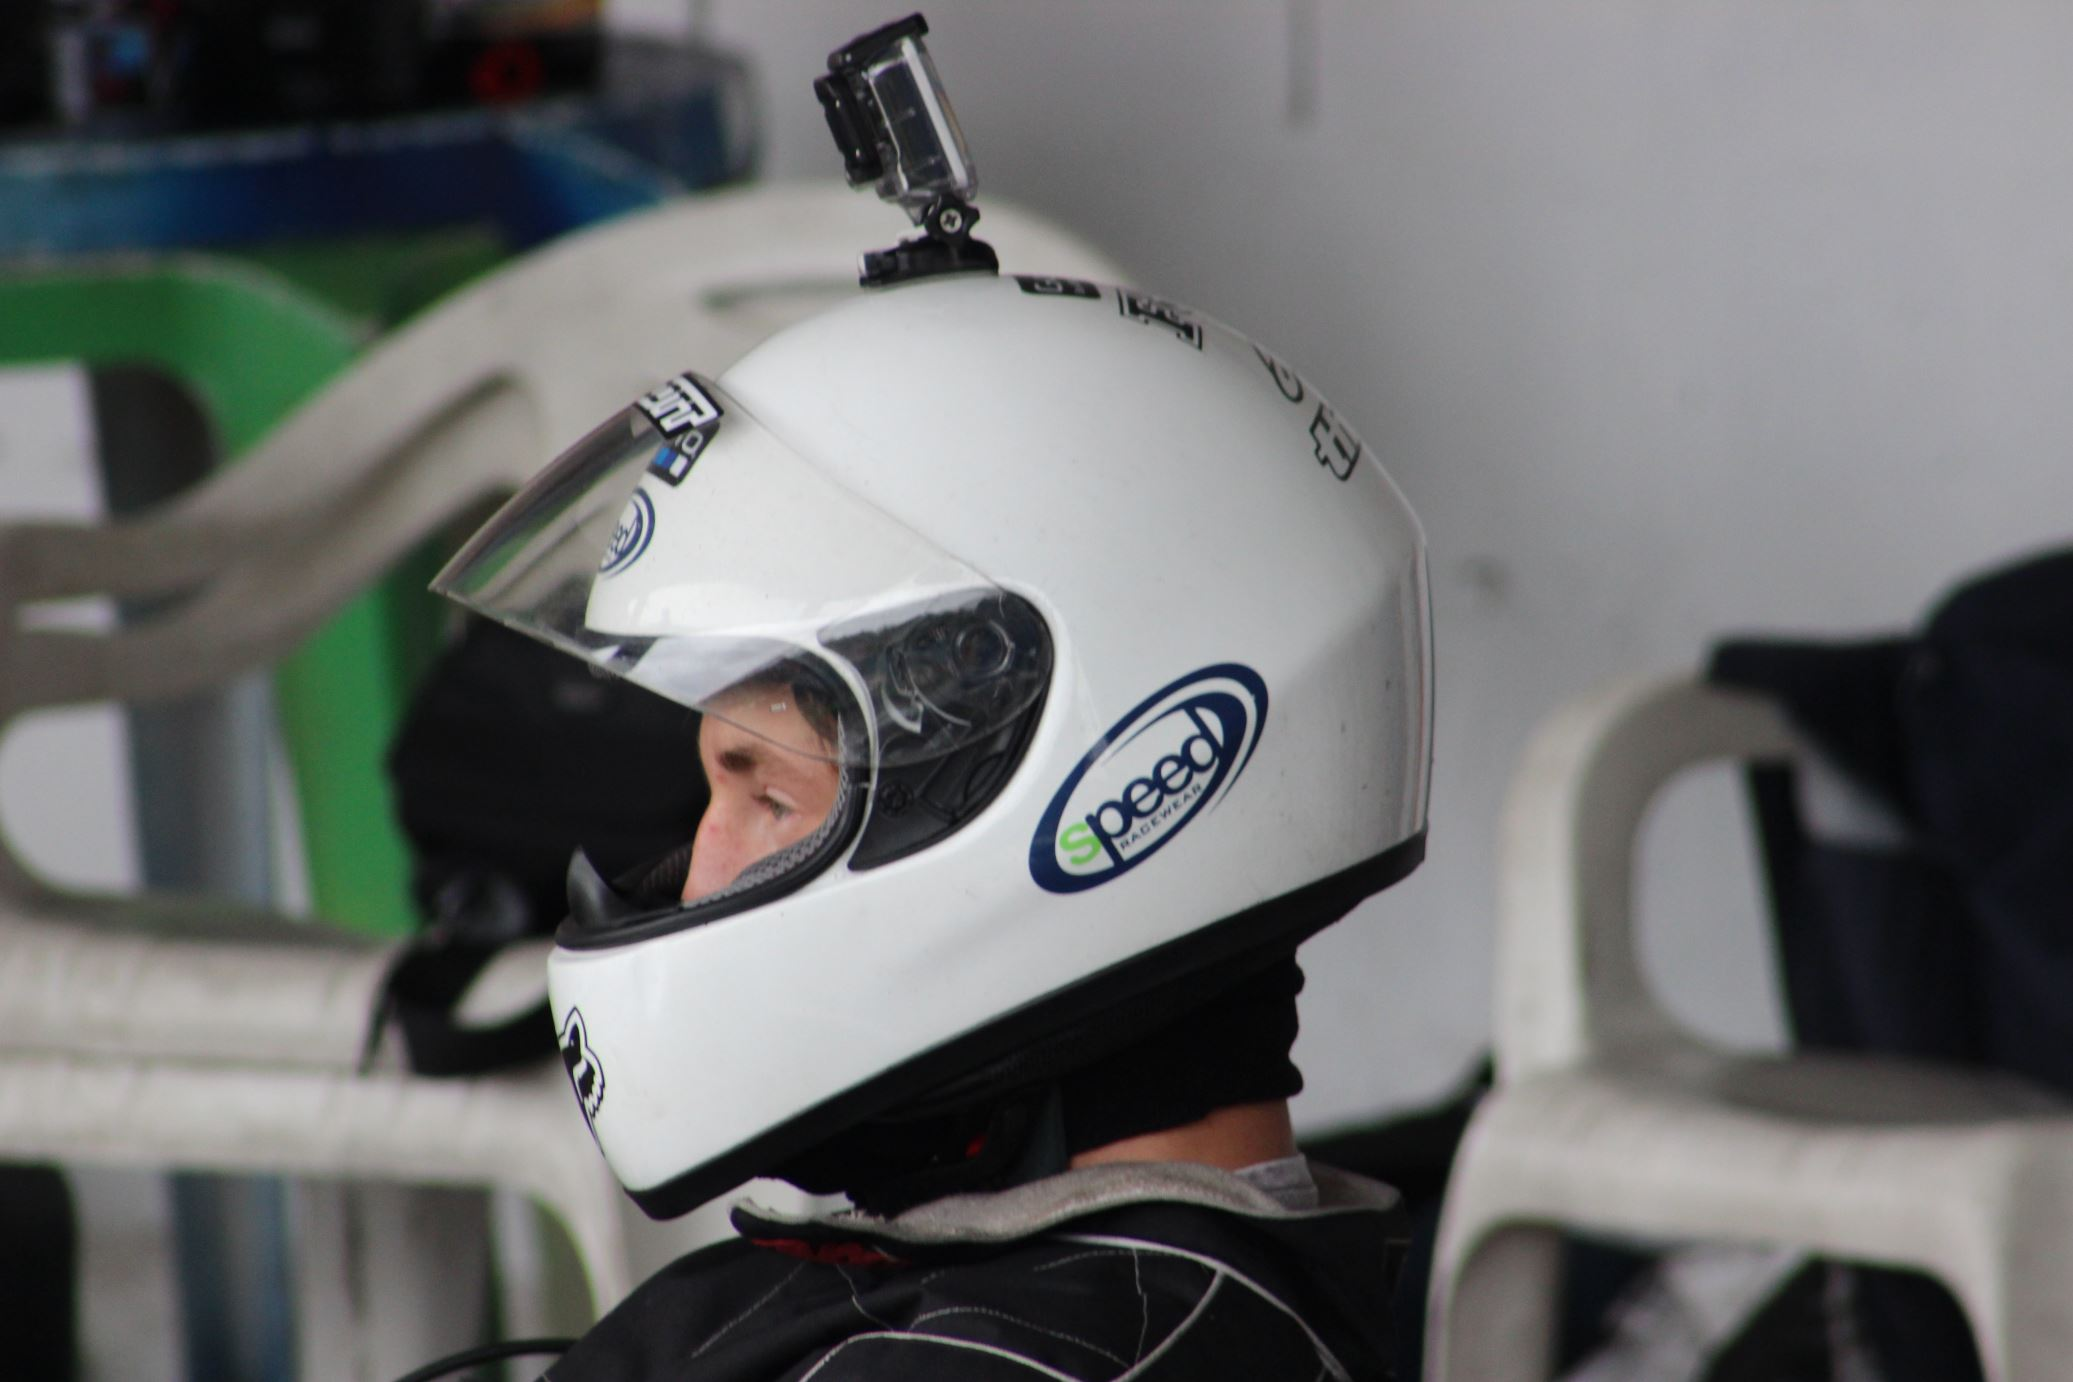 Troféu Honda 2014 - 2ª Prova106